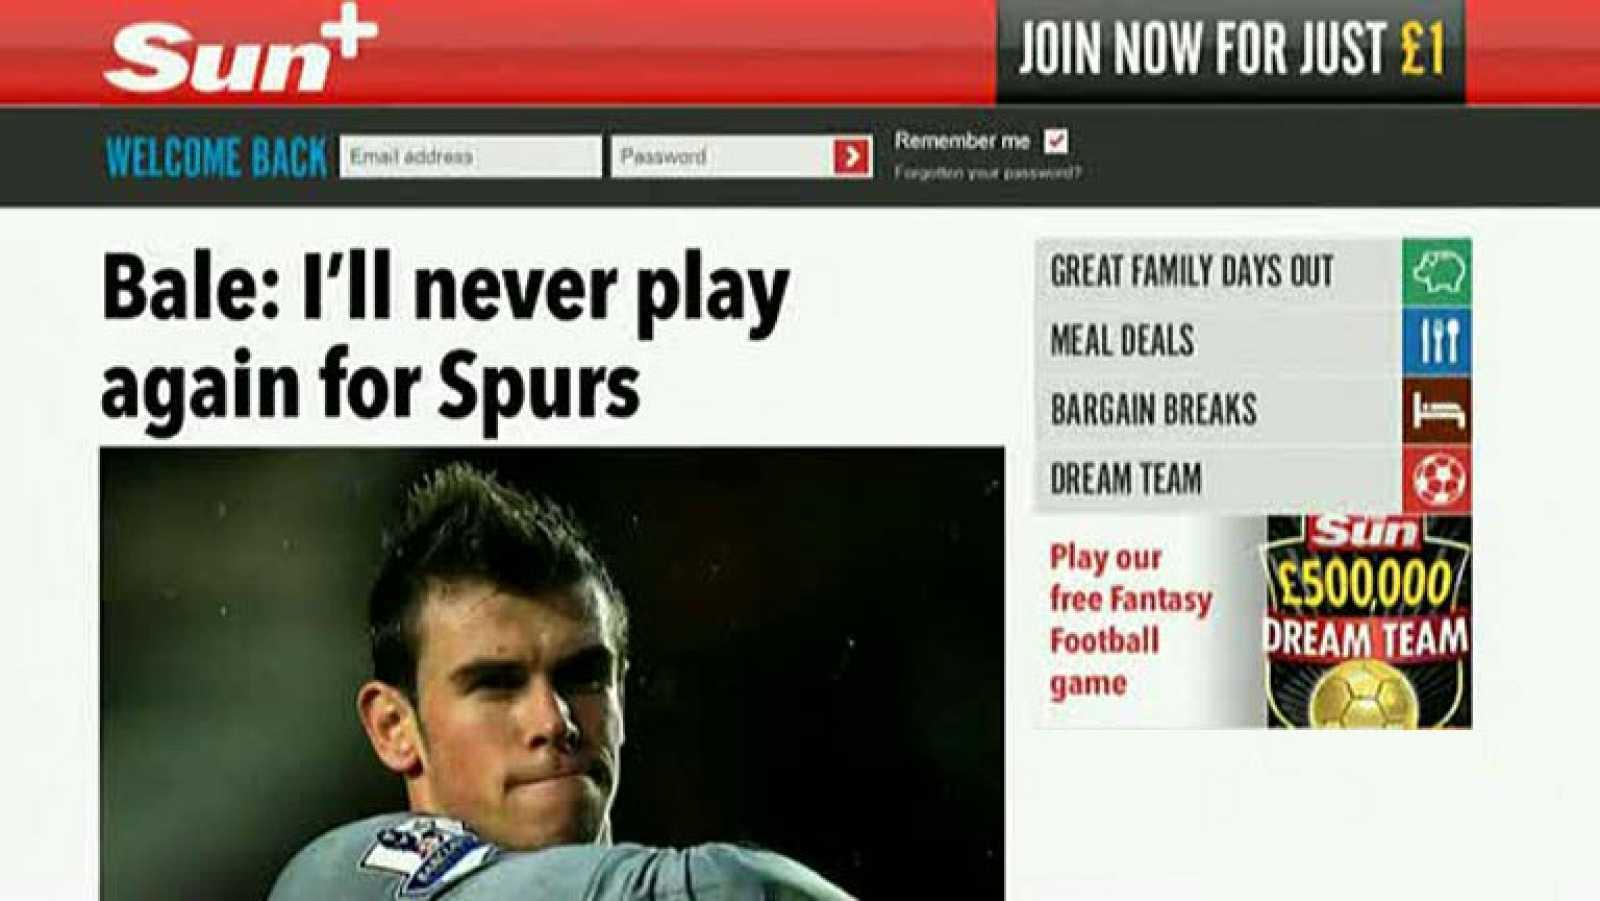 """El centrocampista galés Gareth Bale, por el que está interesado el Real Madrid, ha dicho que no volverá a ponerse la camiseta del Tottenham Hotspur, según asegura hoy el tabloide británico """"The Sun"""". El extremo de 24 años se ha confiado al parecer a"""